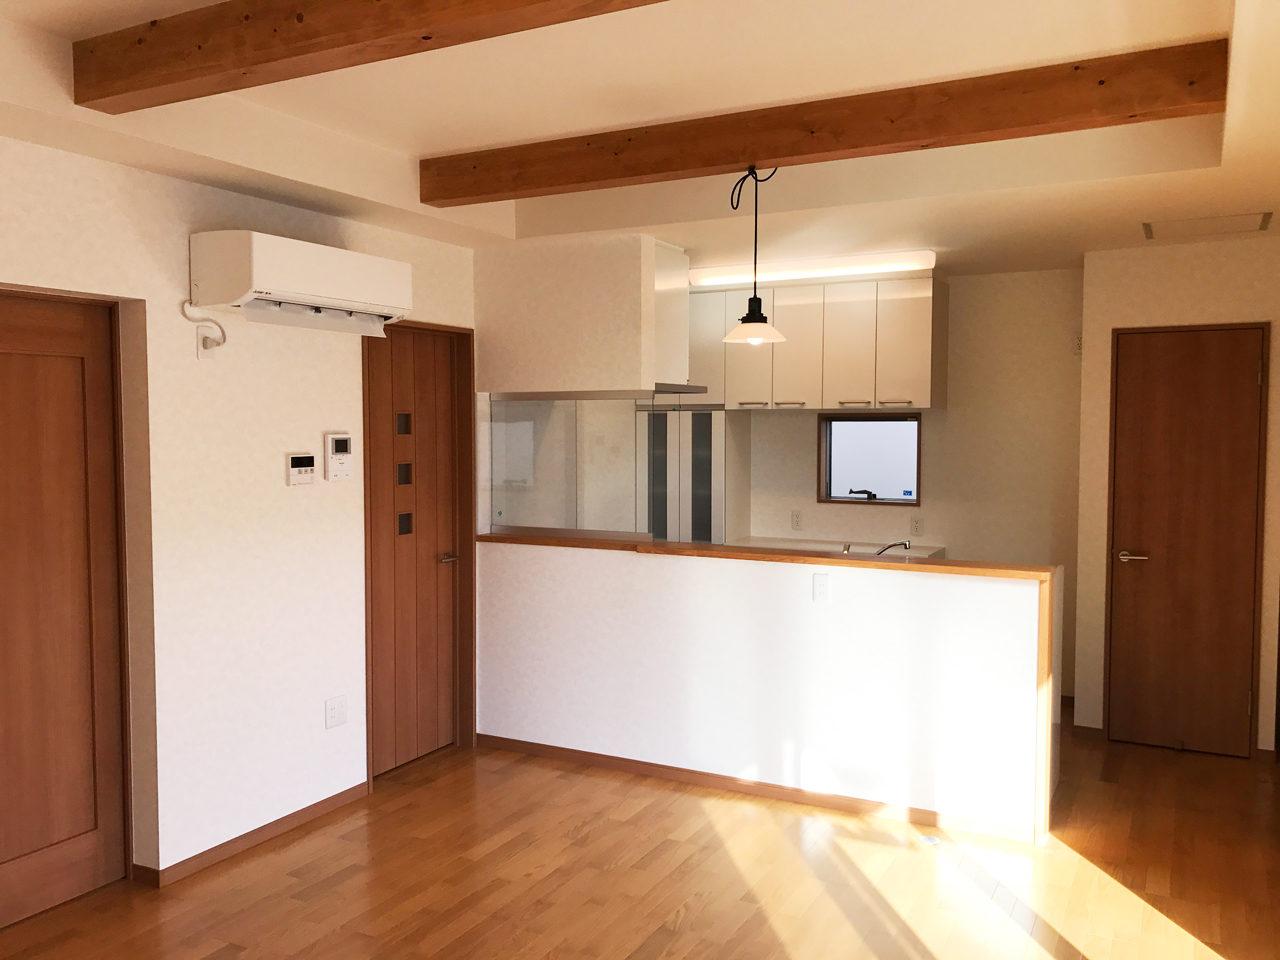 鍼灸接骨院兼用二世帯住宅の新築設計をしたレディース治療院の子供世帯の建物引き渡し